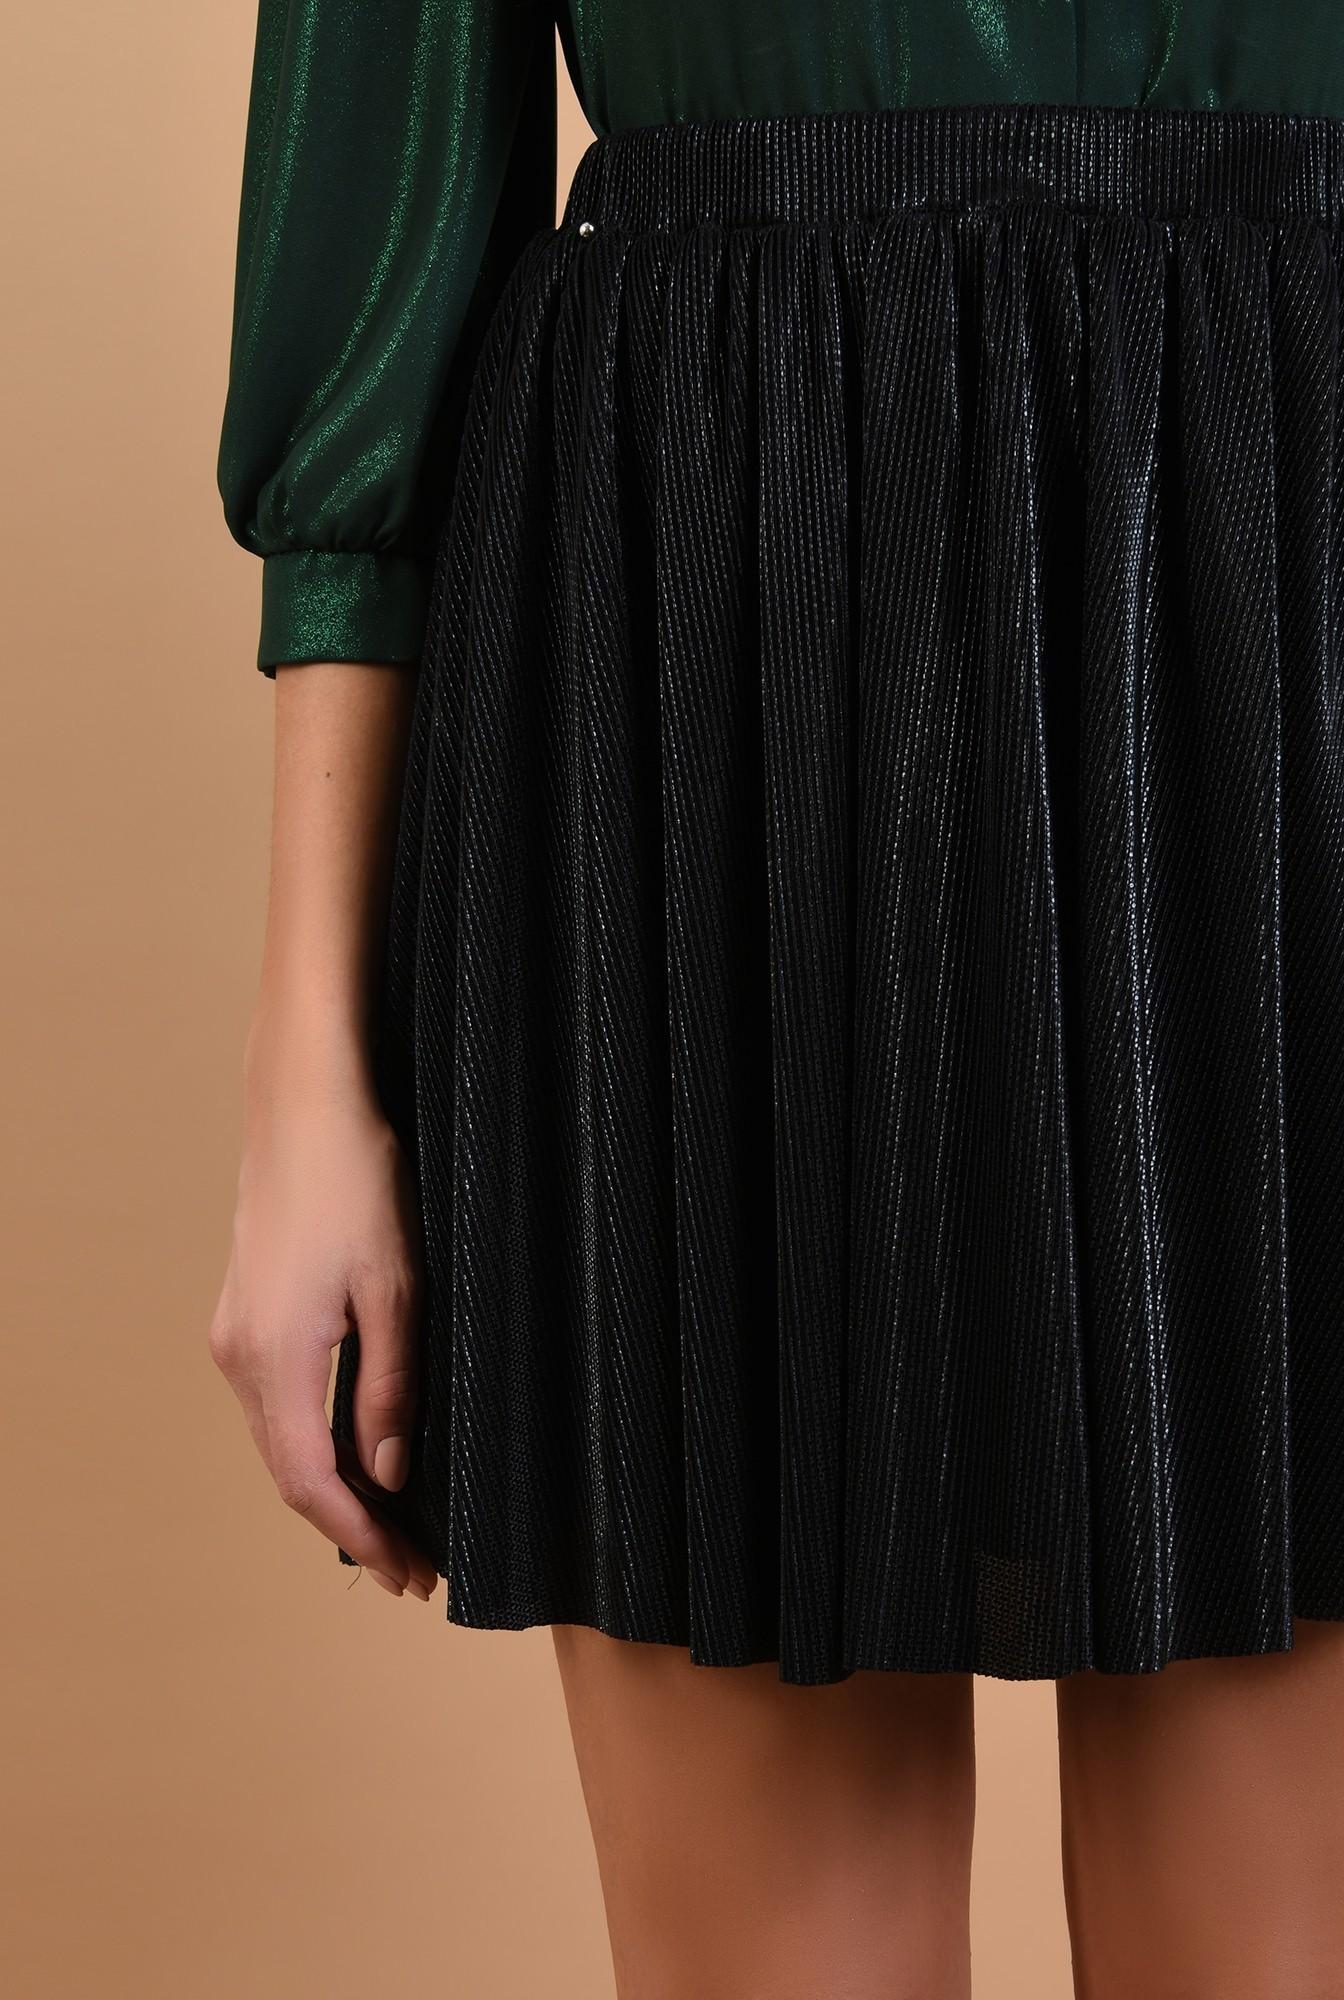 2 - fusta eleganta, plisata, lurex, neagra, talie elastica